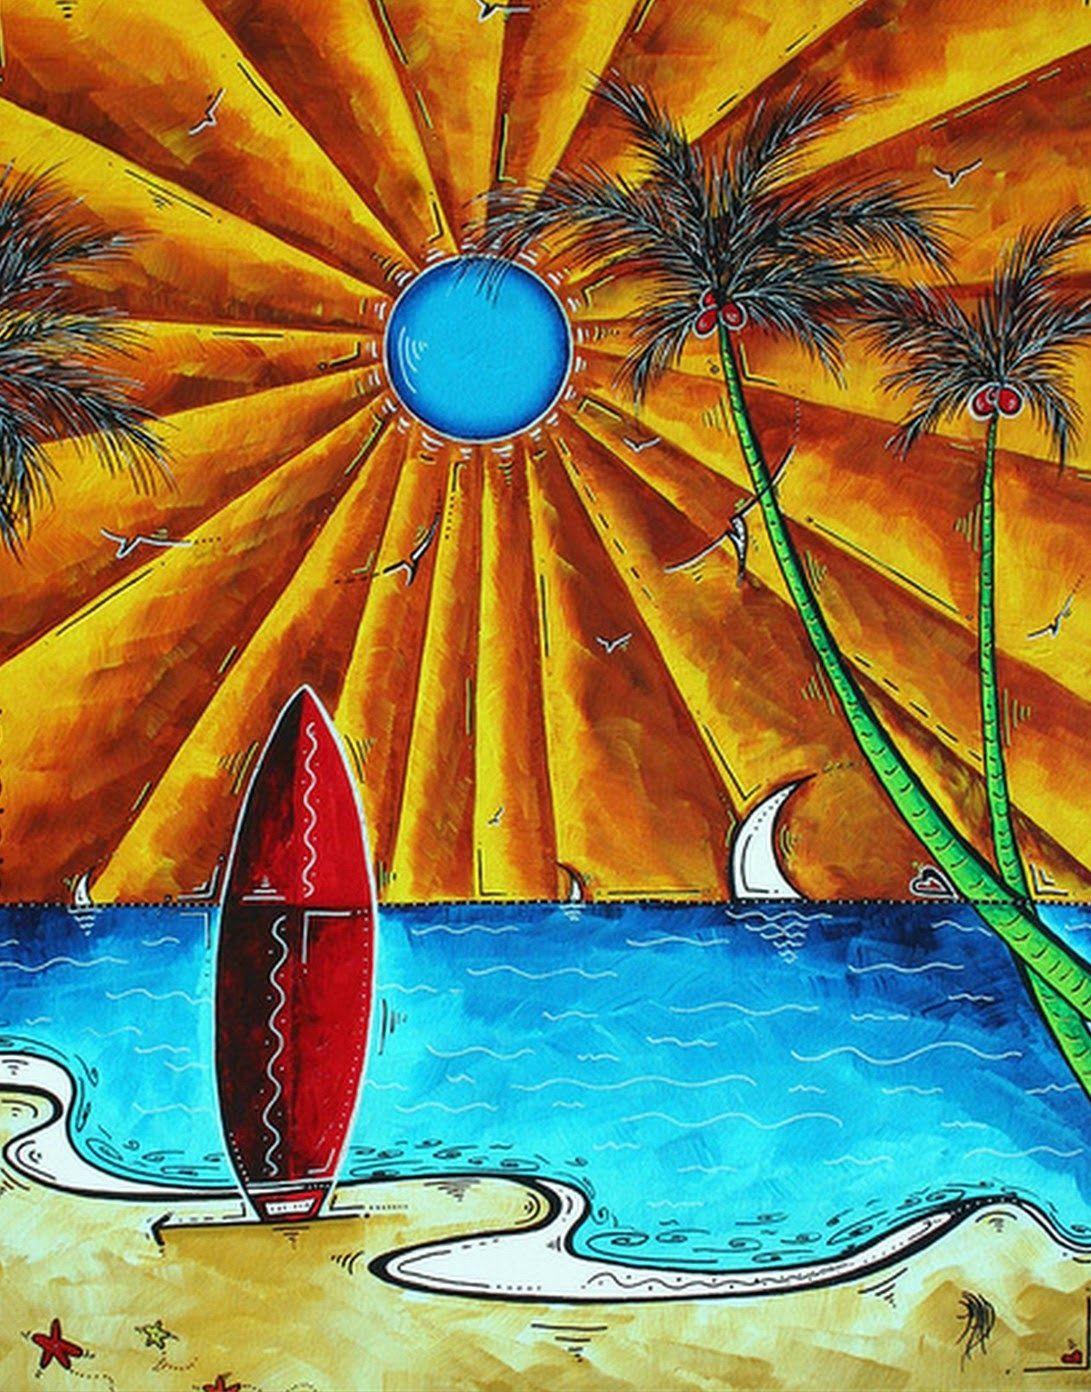 dibujos-faciles-para-pintar-con-acrilico | Dibujo y Pintura ...